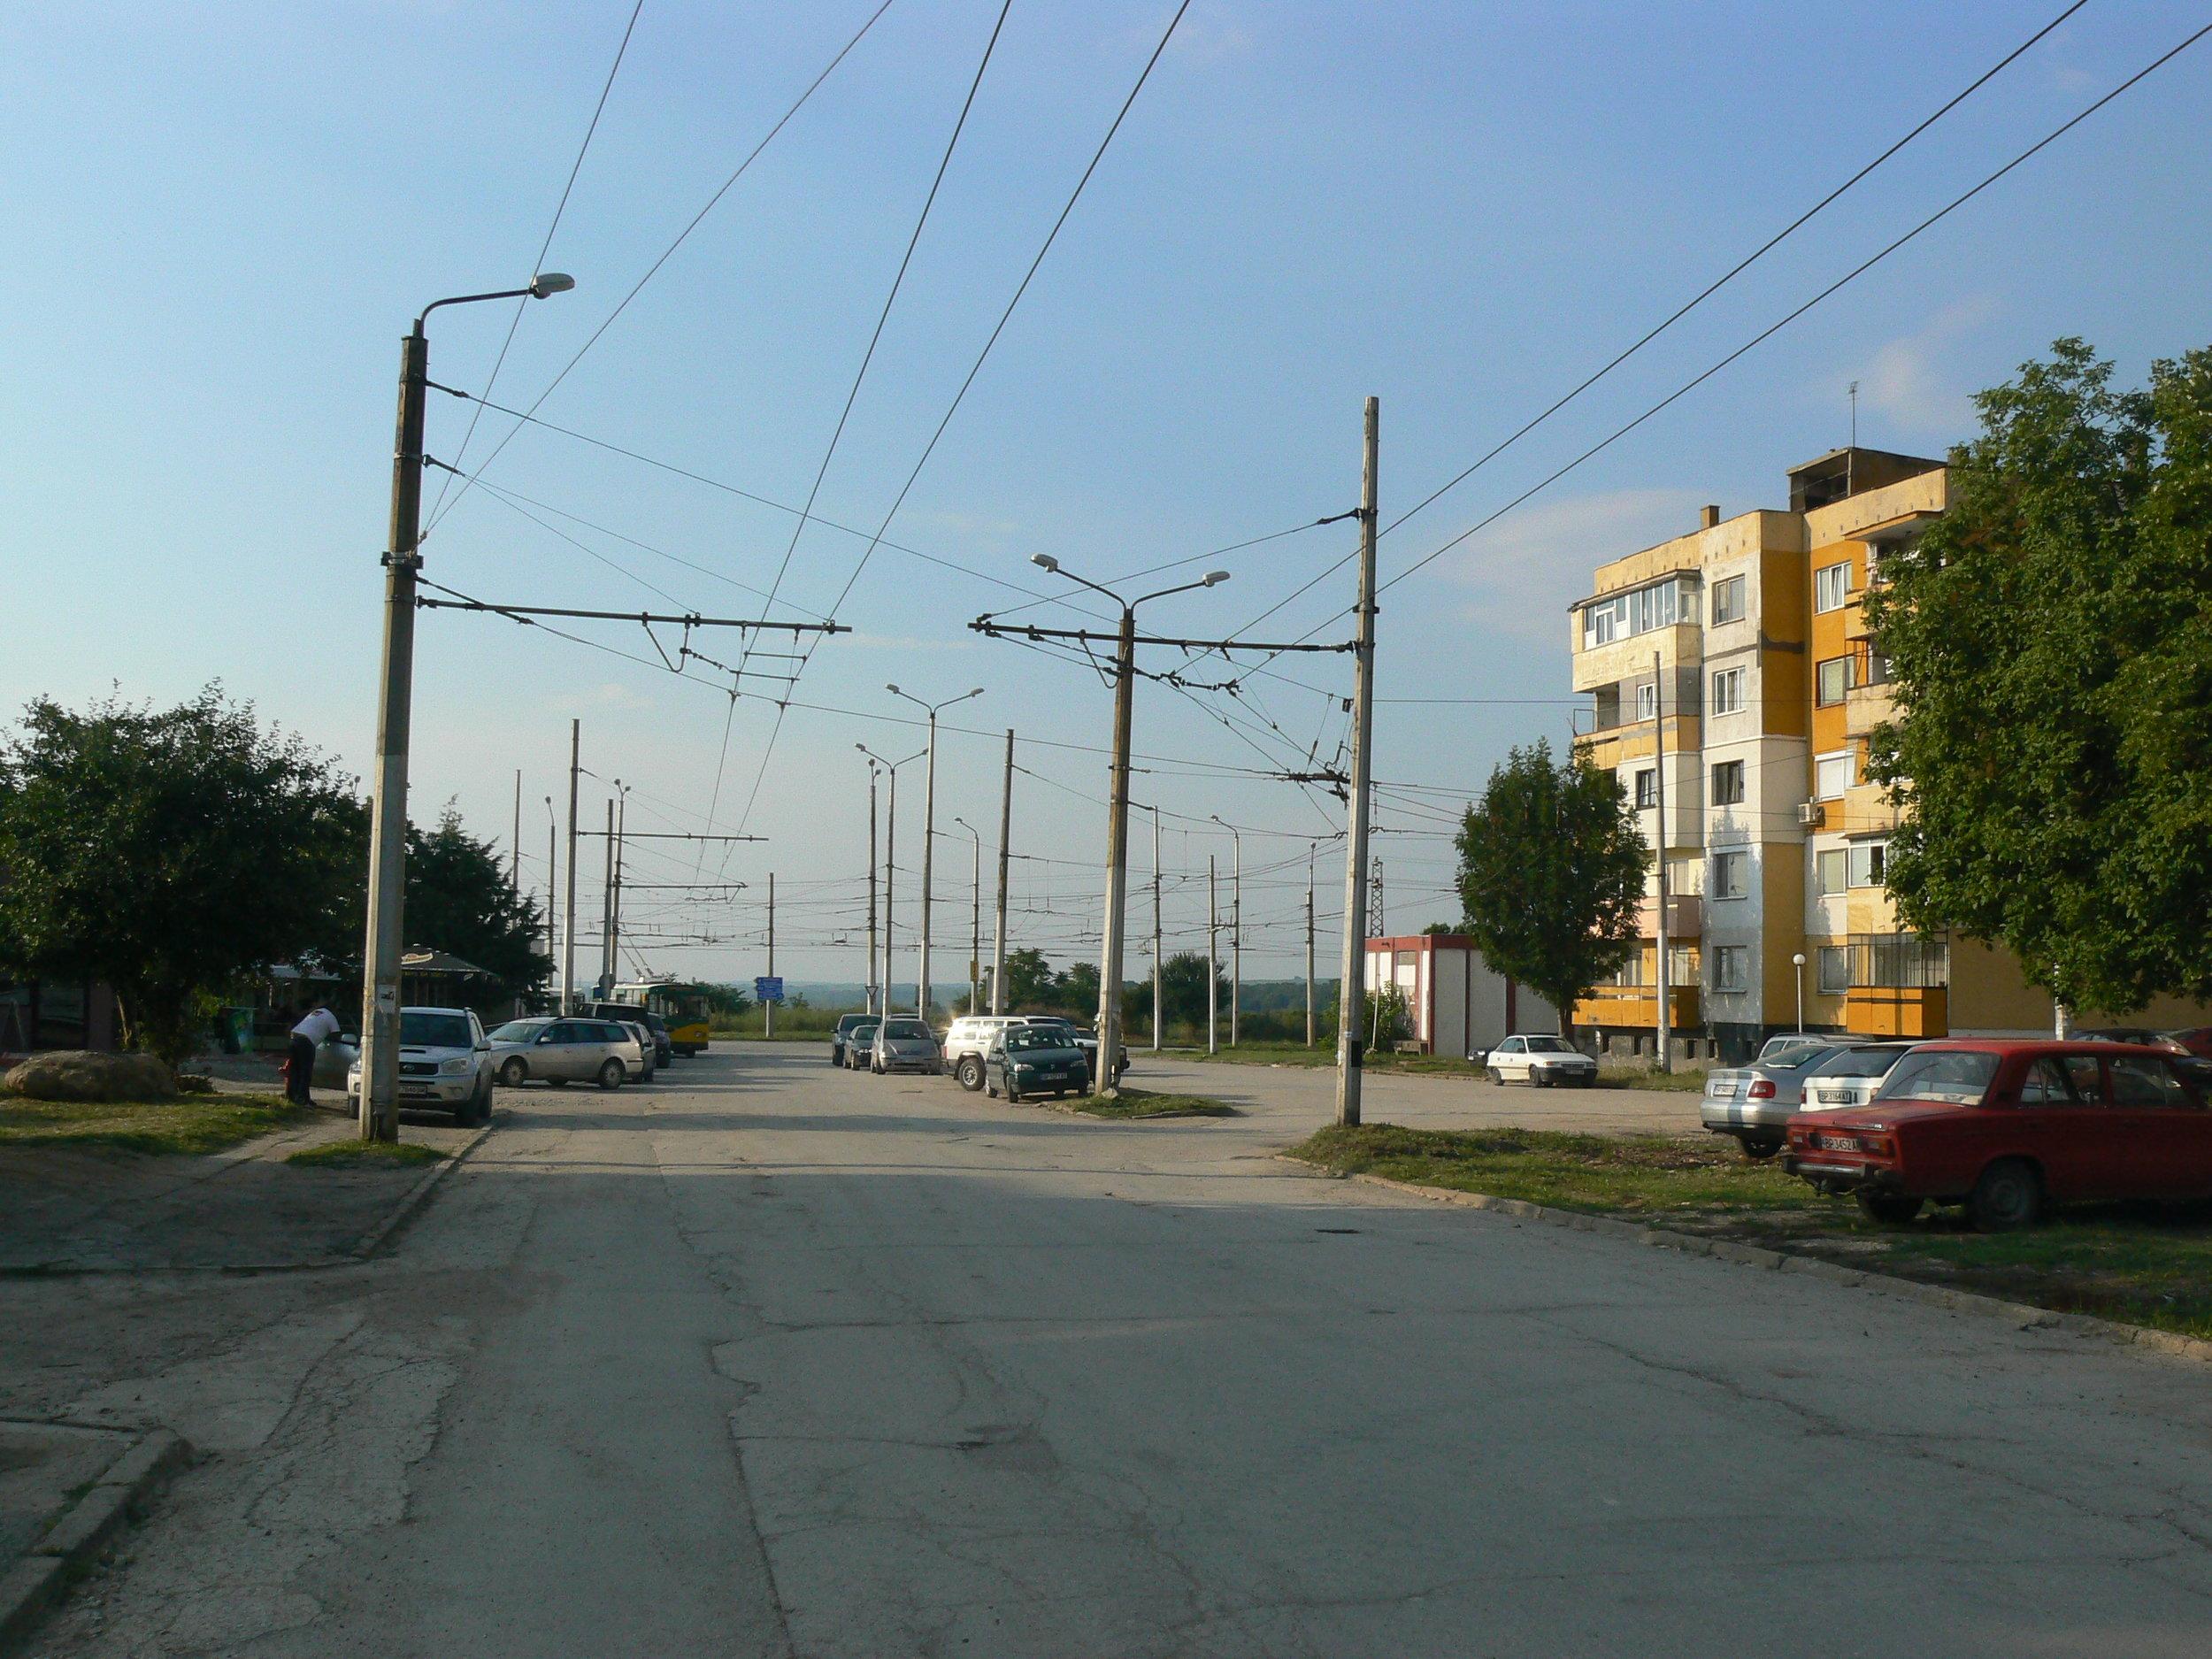 Pohled od trati k vozovně na konečnou Blok 26.